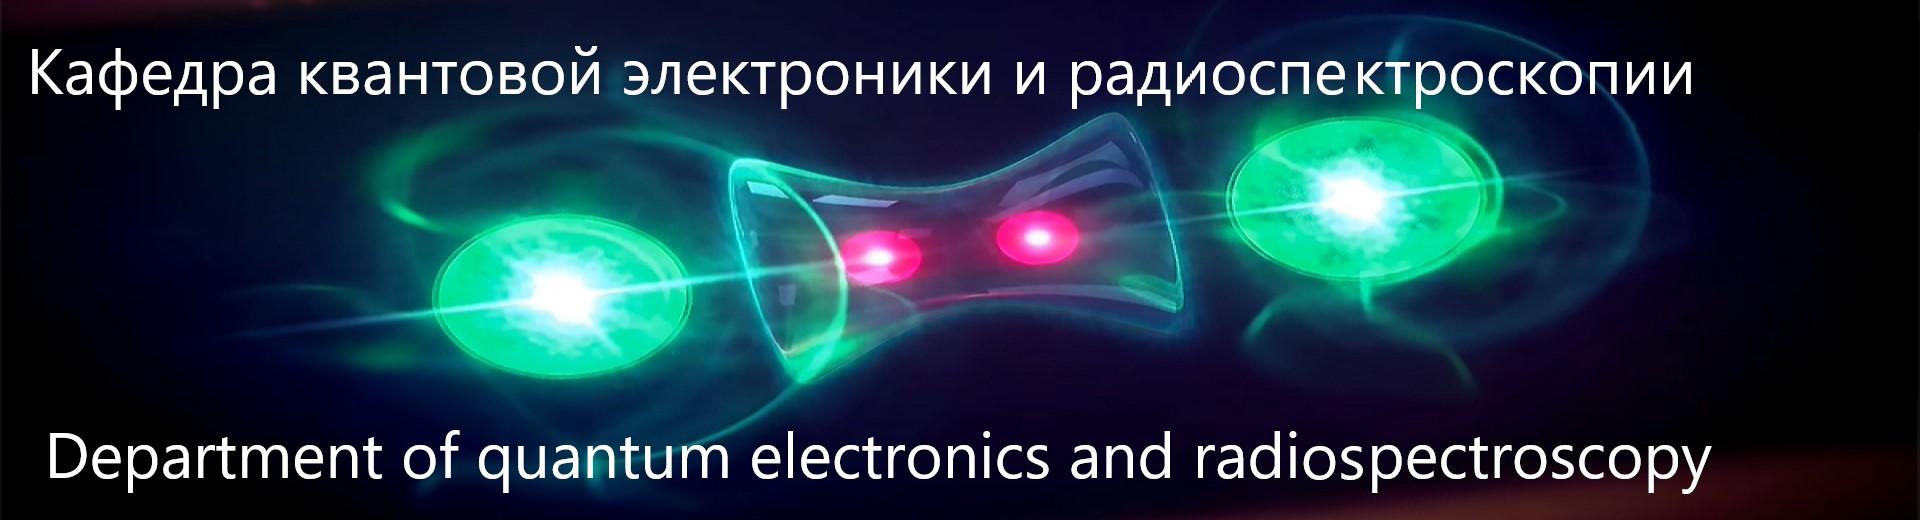 Портал КФУ \ Образование \ Институт физики \ Структура \ Кафедры \ Кафедра квантовой электроники и радиоспектроскопии